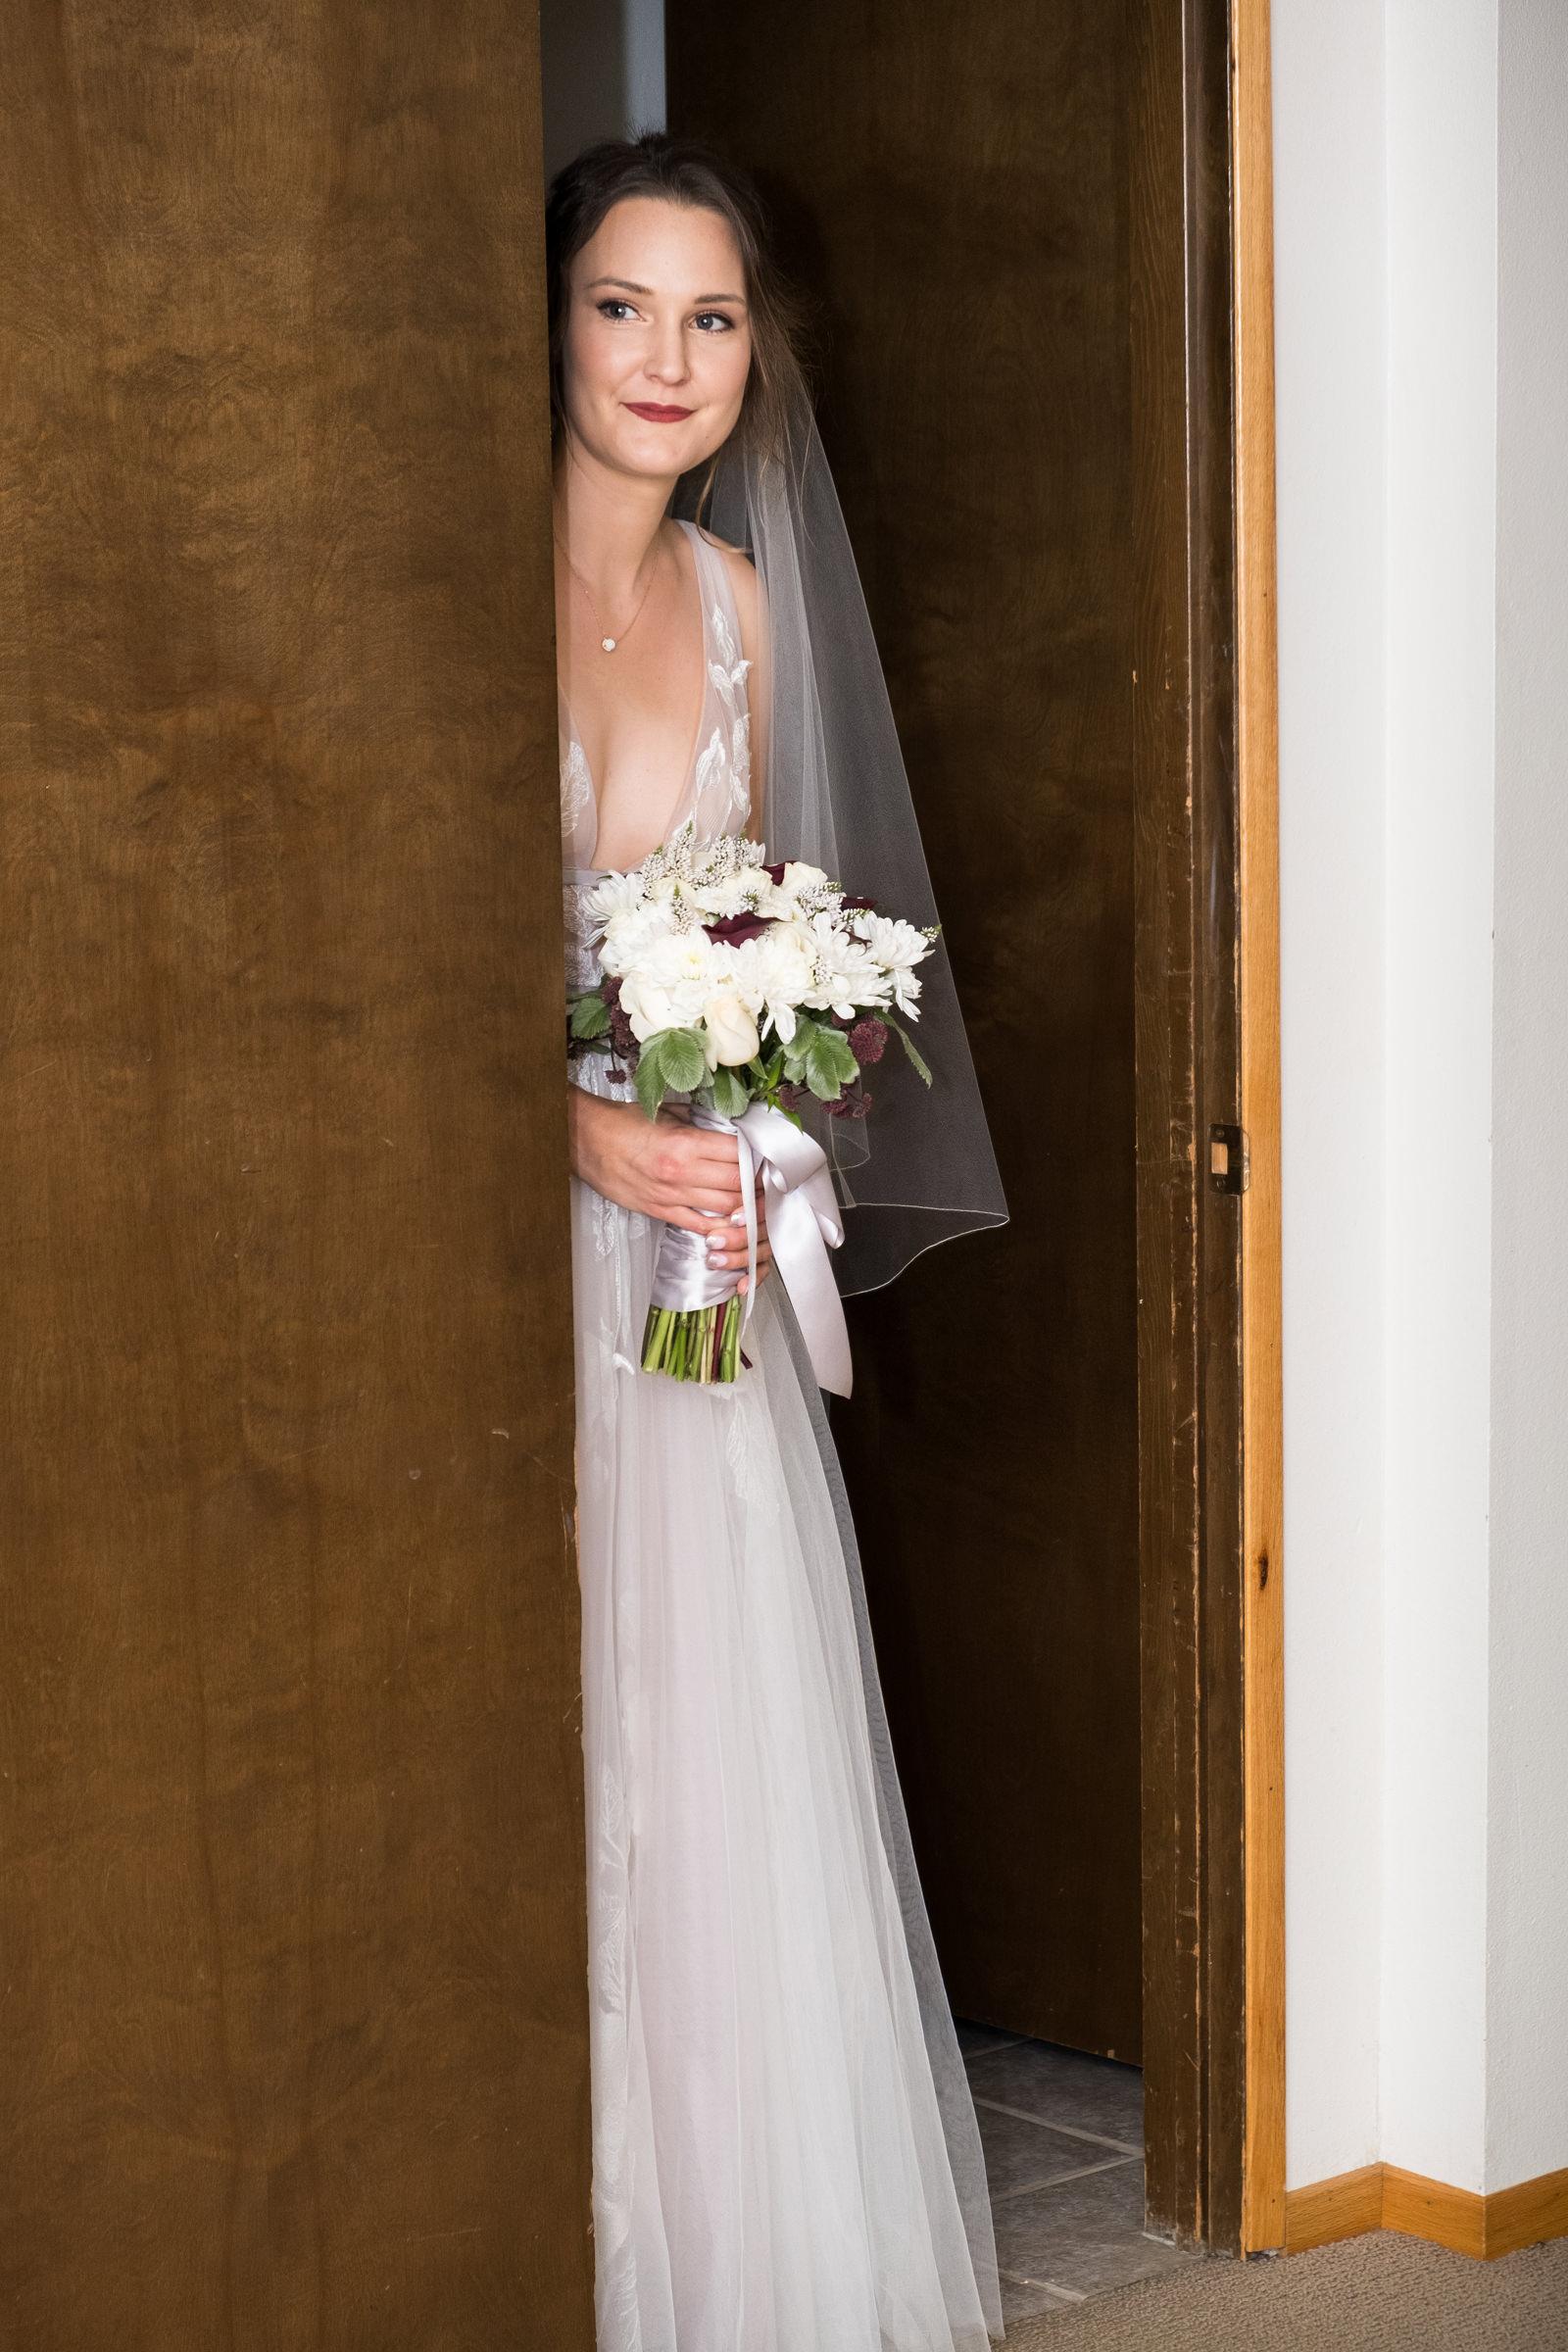 bride-peers-from-doorway-barbie-hull-photography